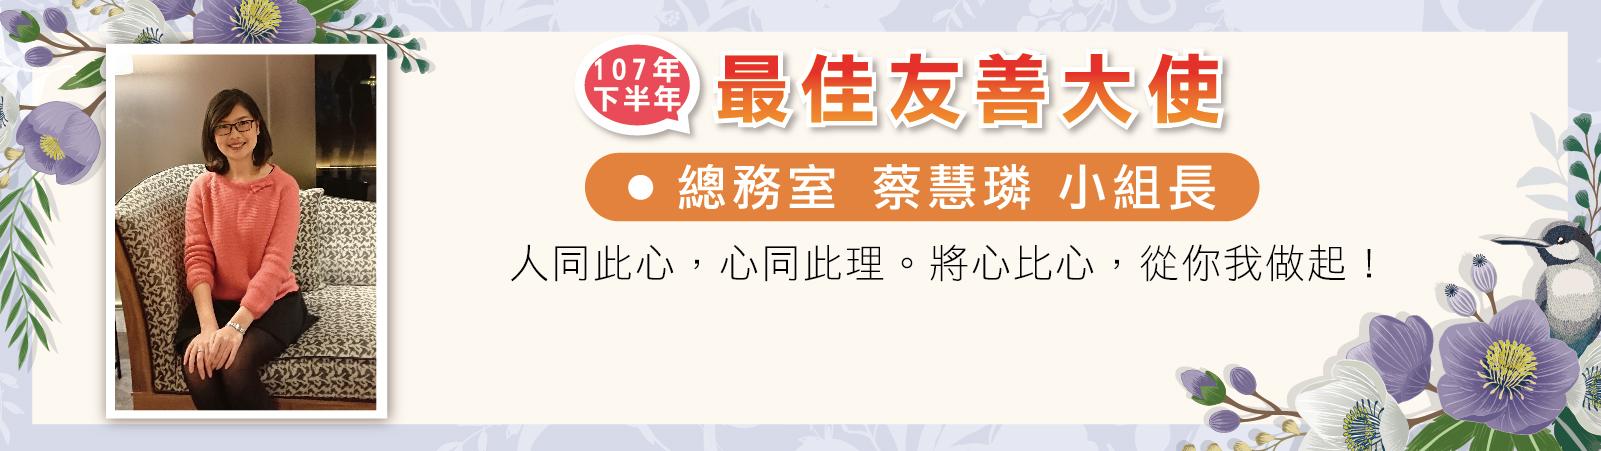 107下最佳友善大使-蔡慧璘